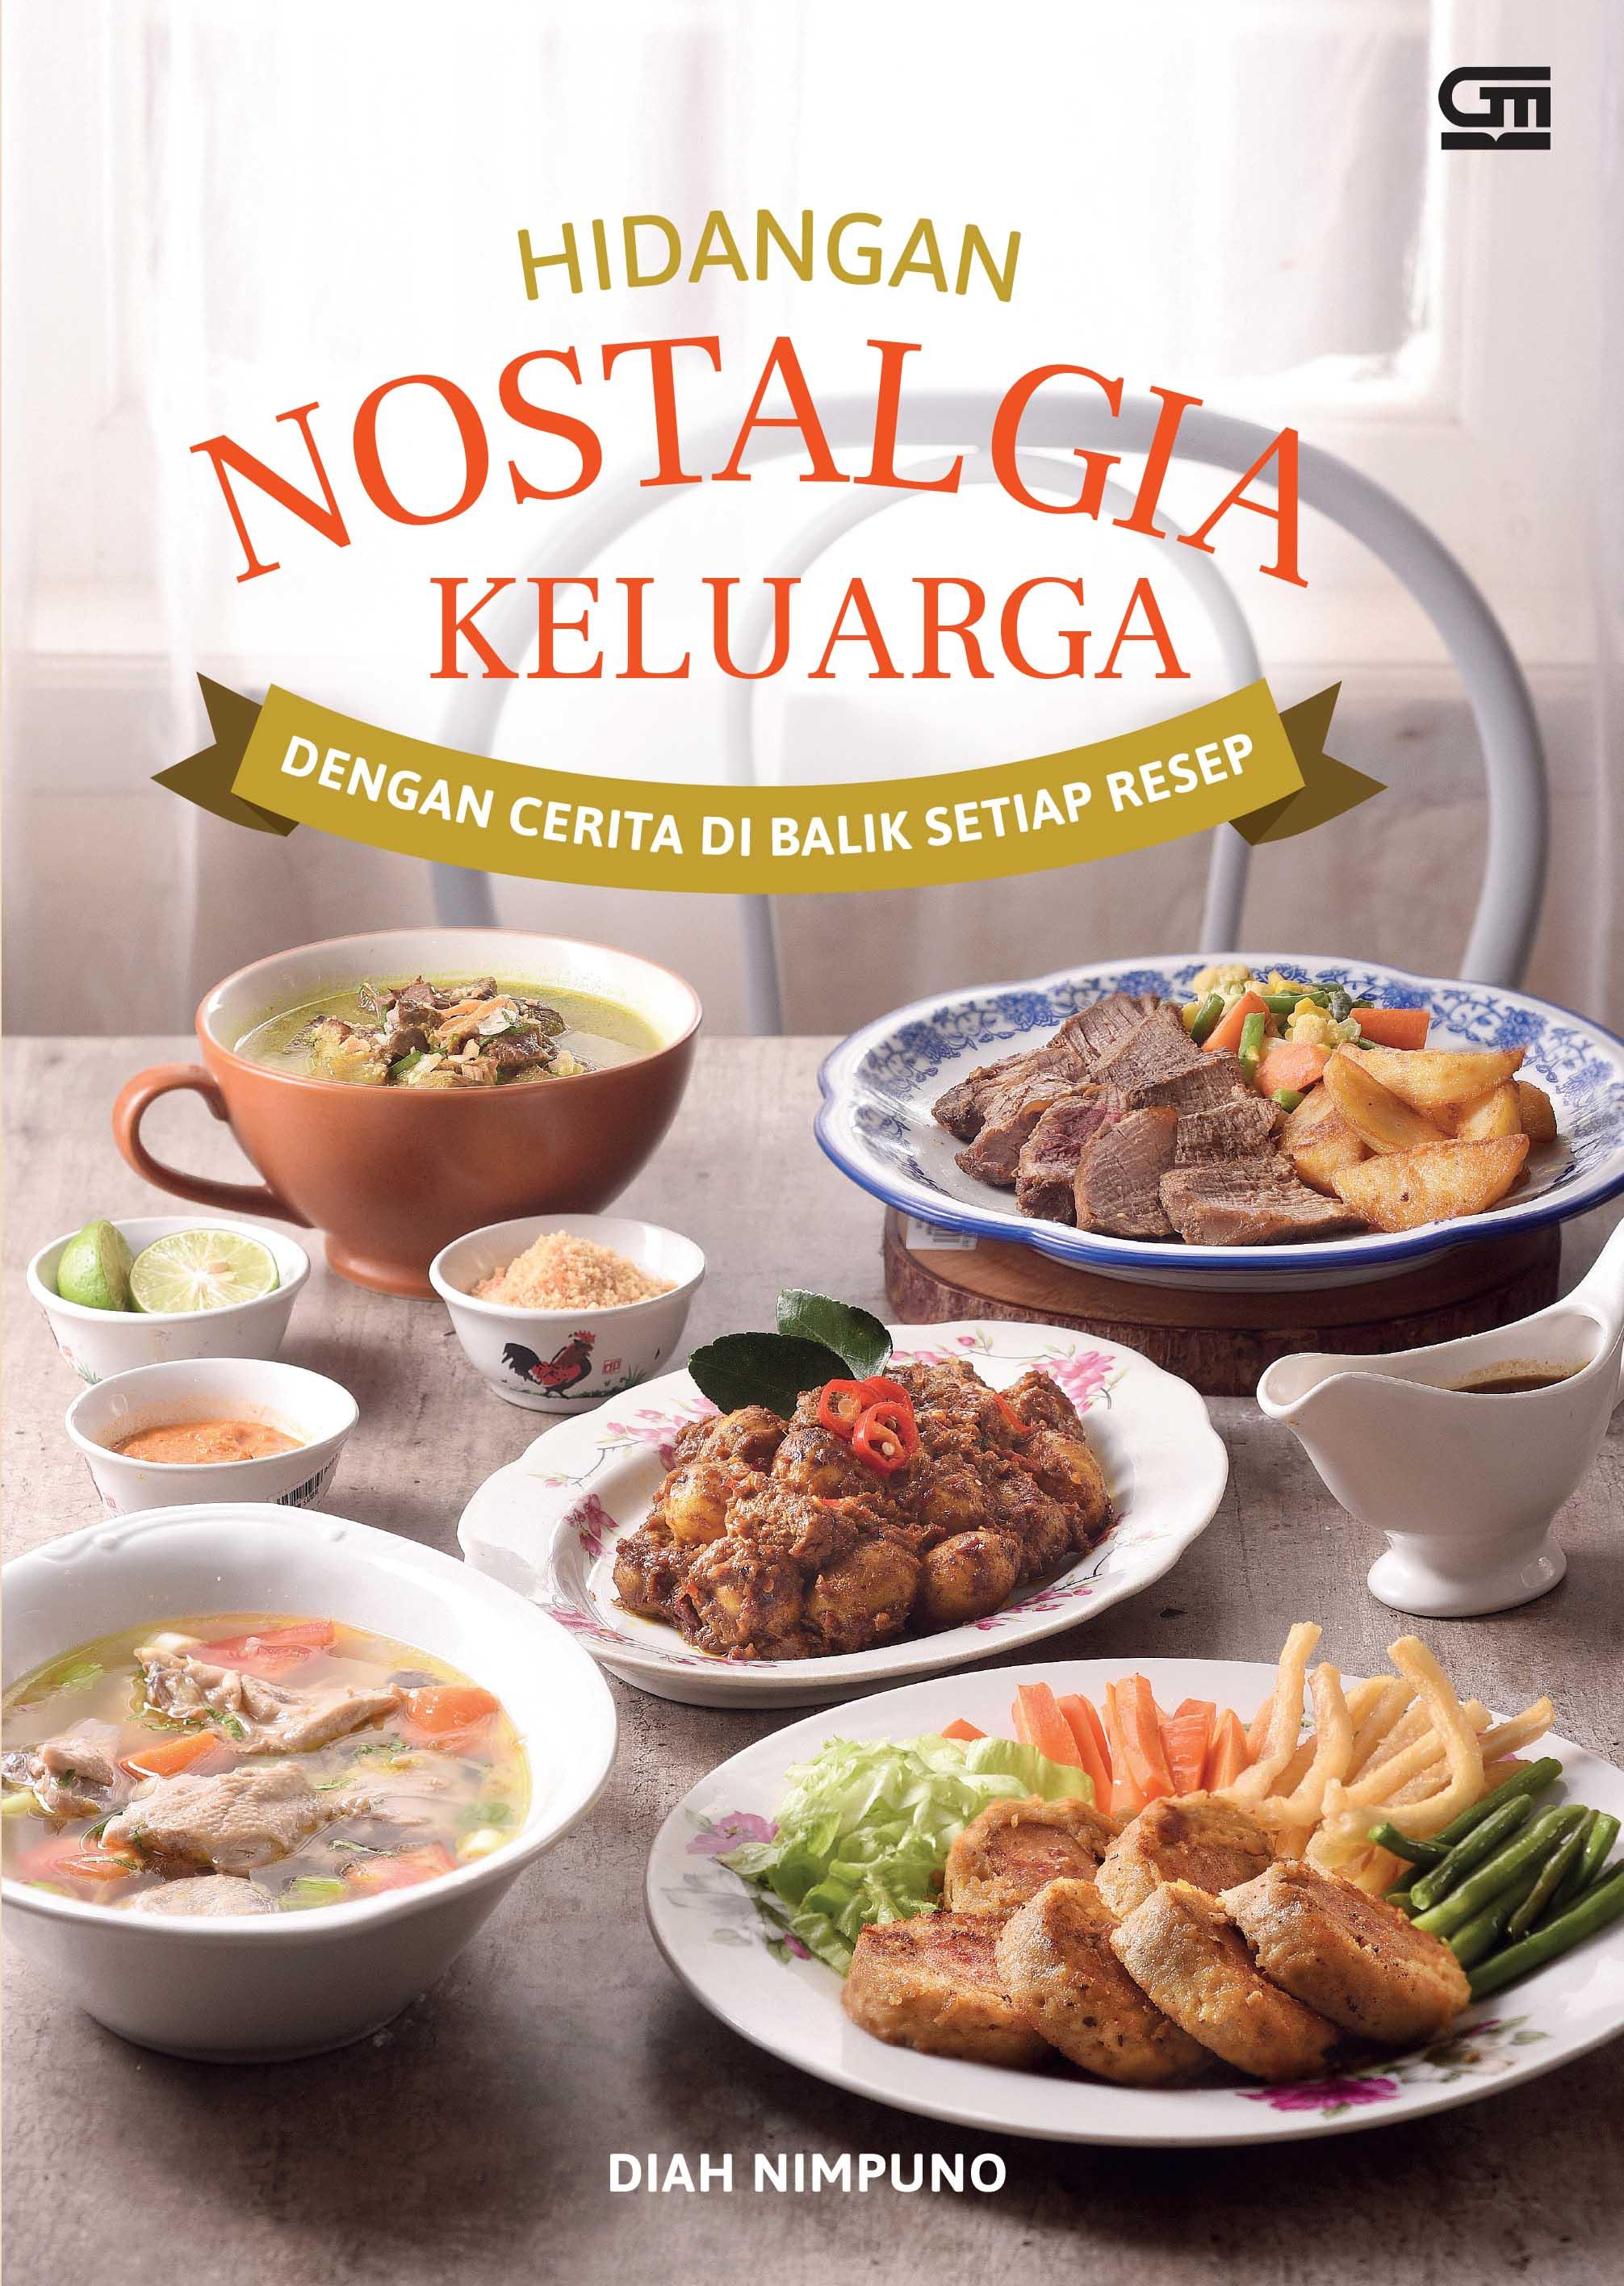 Hidangan Nostalgia Keluarga dengan Cerita di Balik Setiap Resepnya